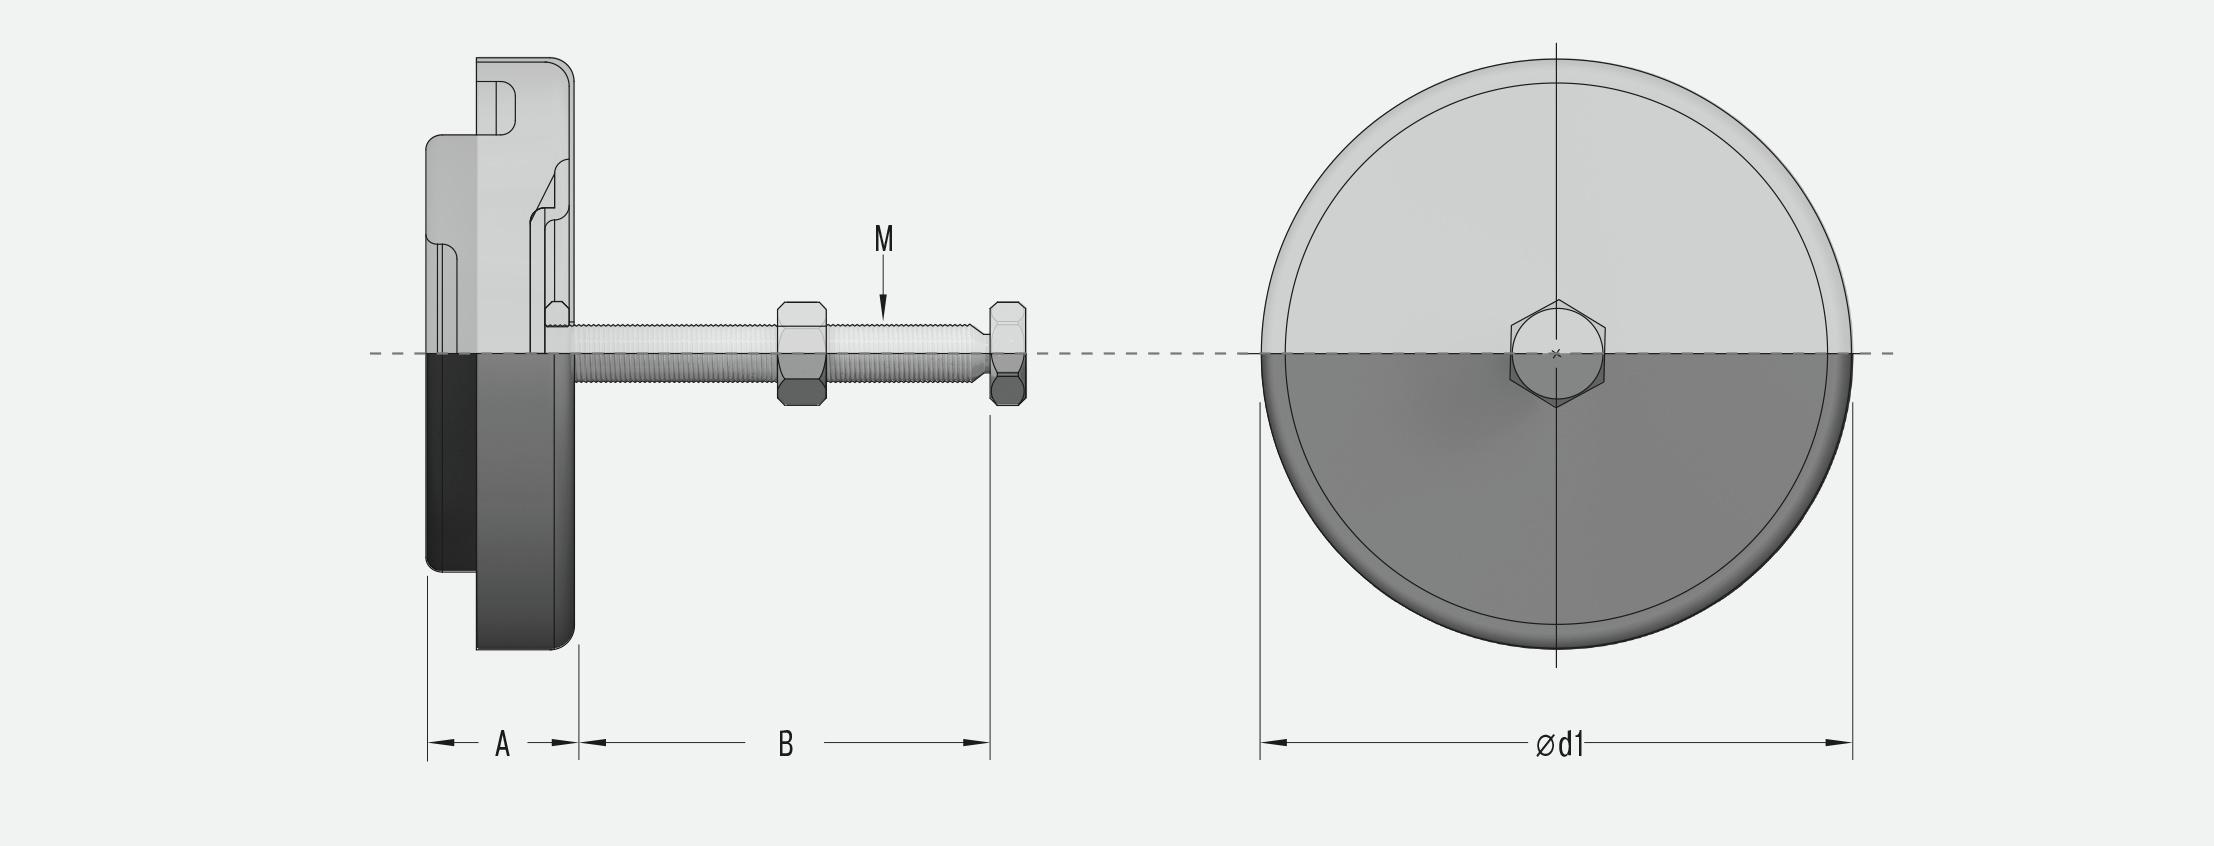 LEV-52229